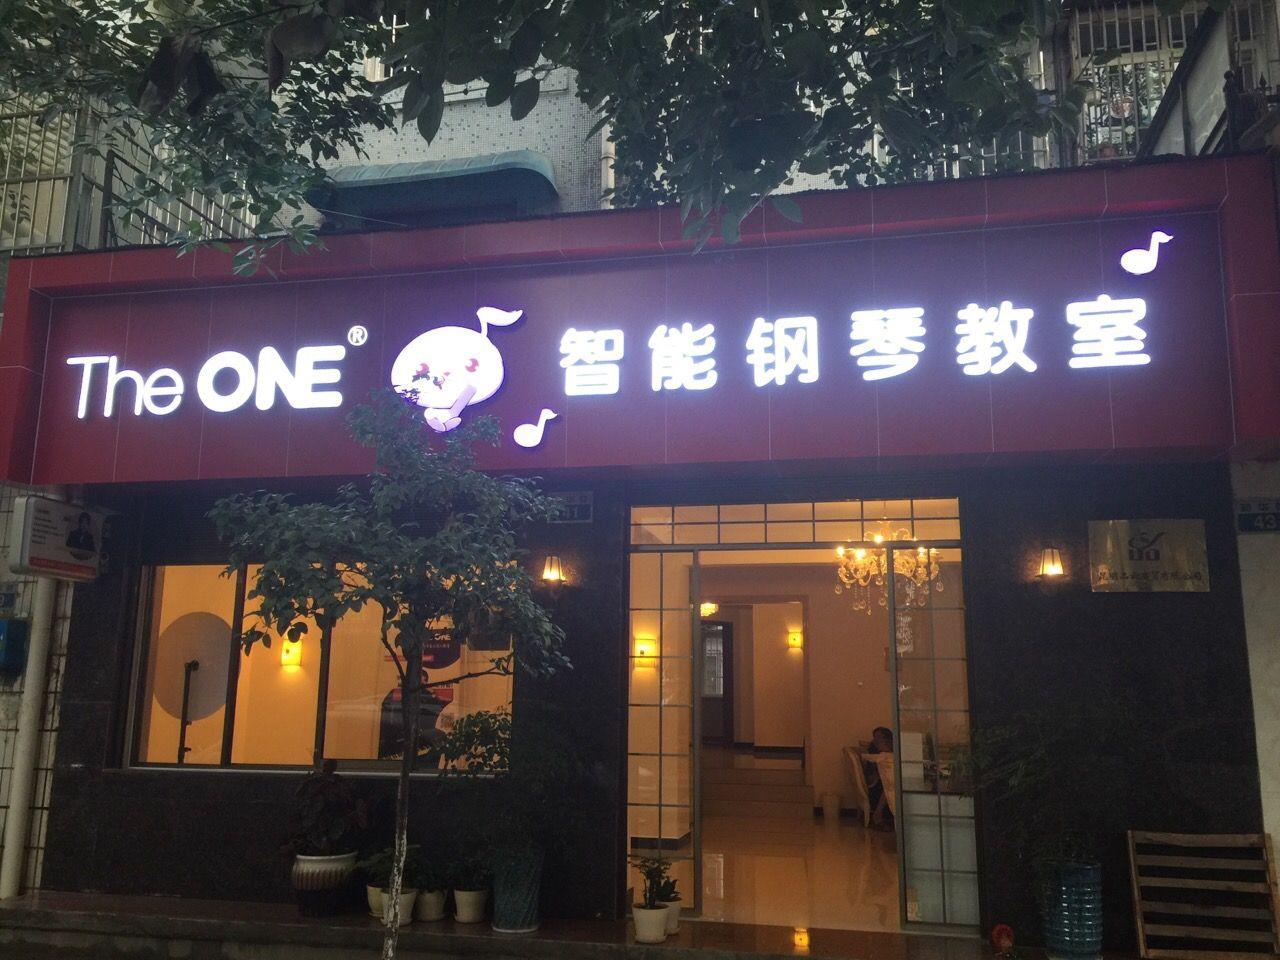 The One 智能钢琴教室The One 智能钢琴教室 1对1智慧钢琴 古筝一月